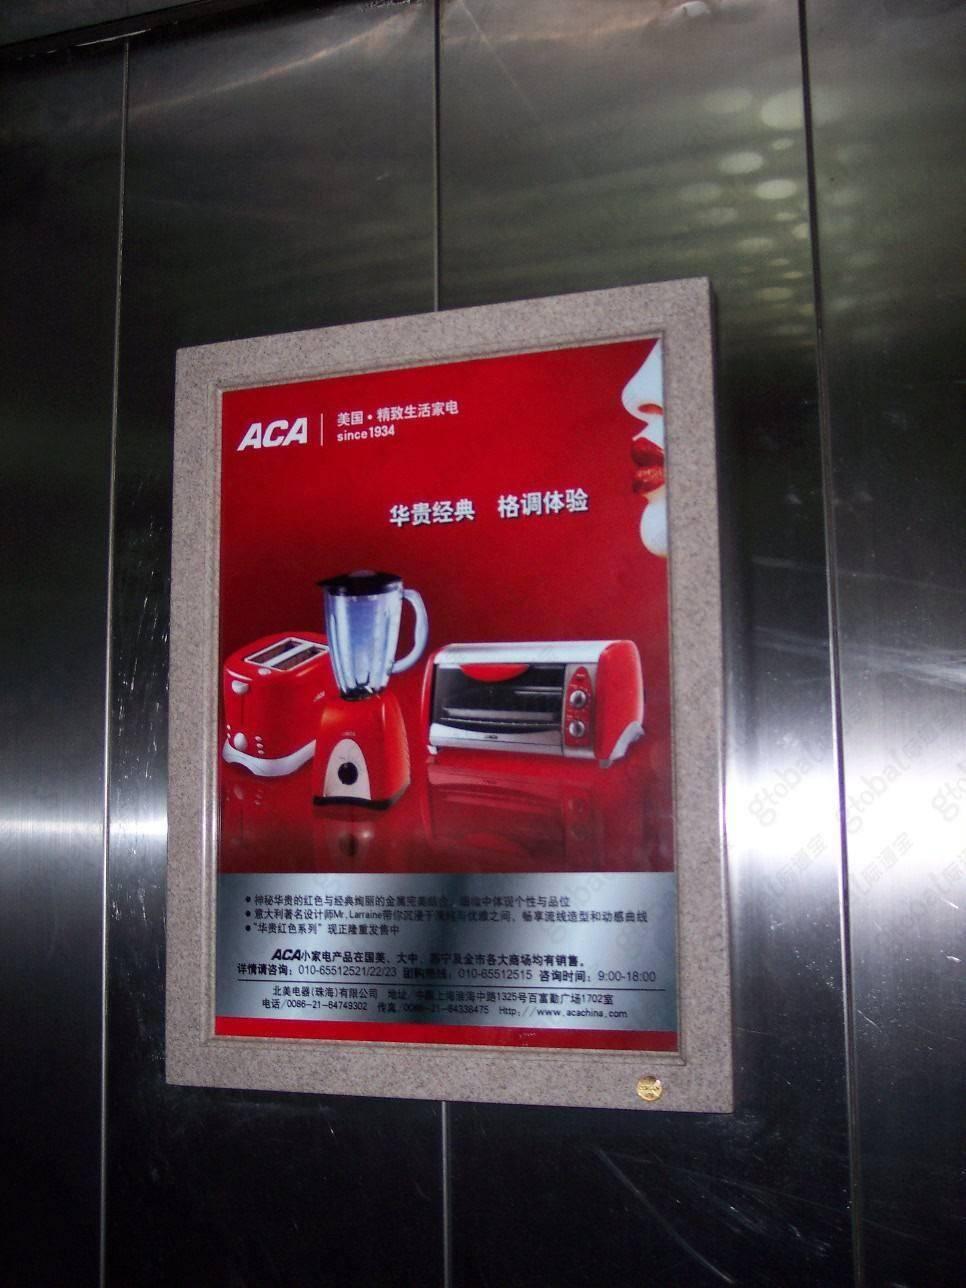 海东电梯广告公司广告牌框架3.0投放(100框起投)